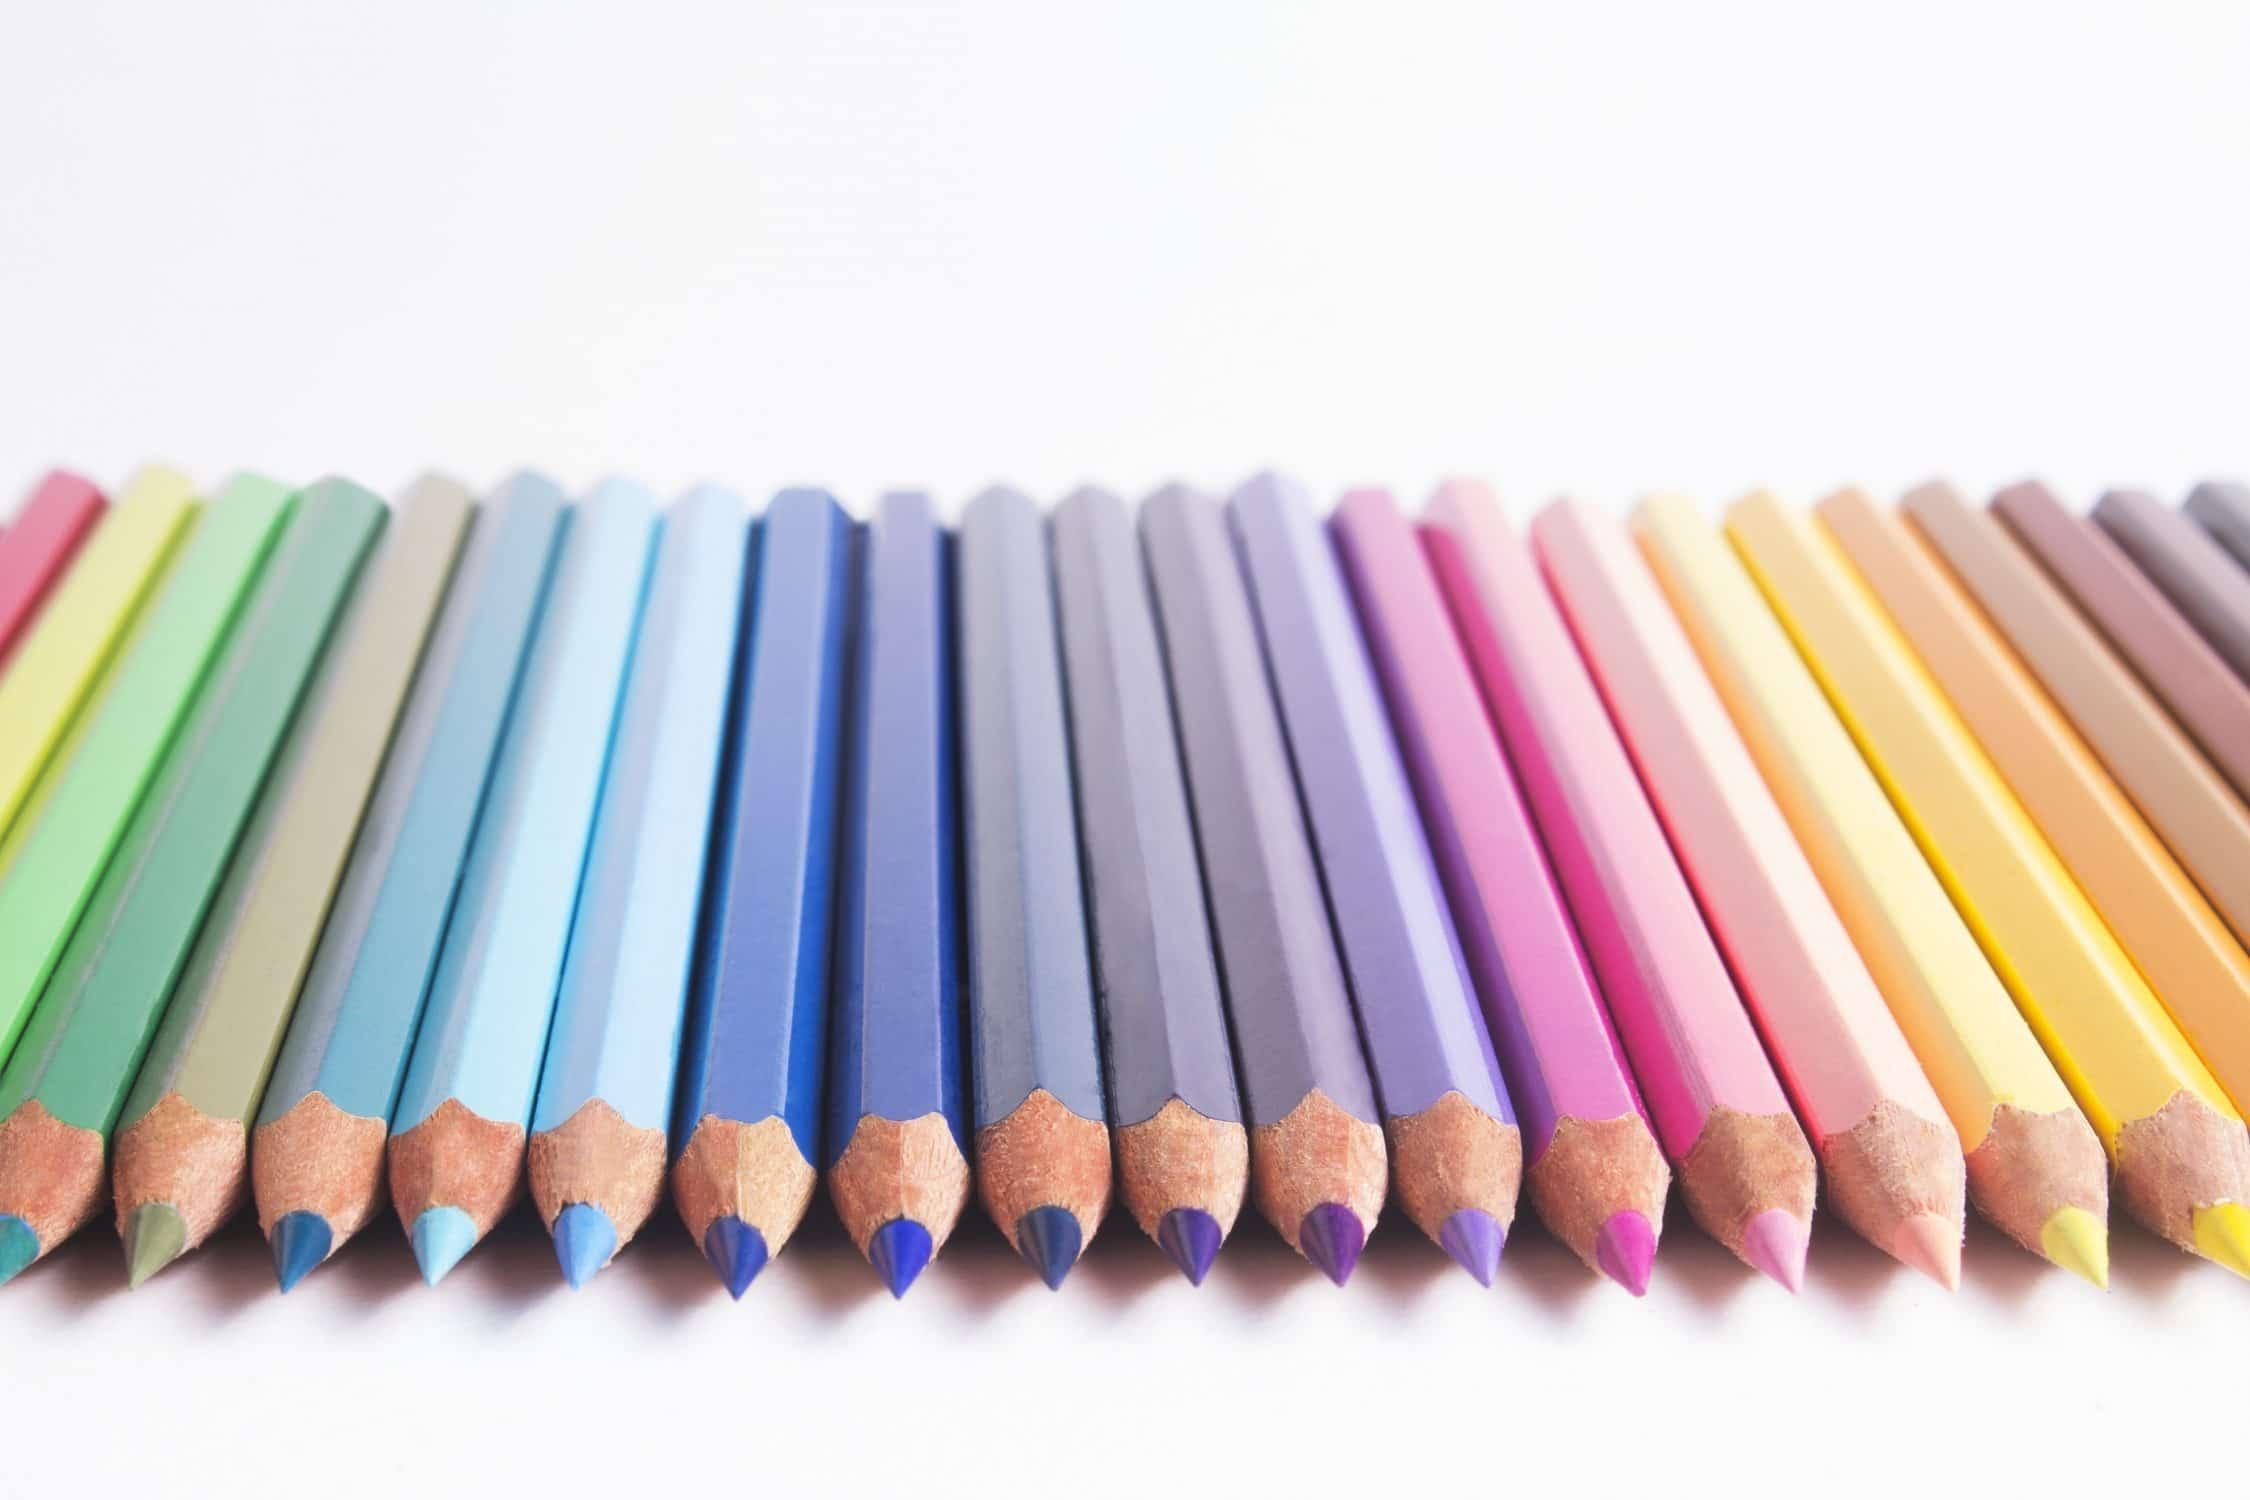 Row of pencil crayons